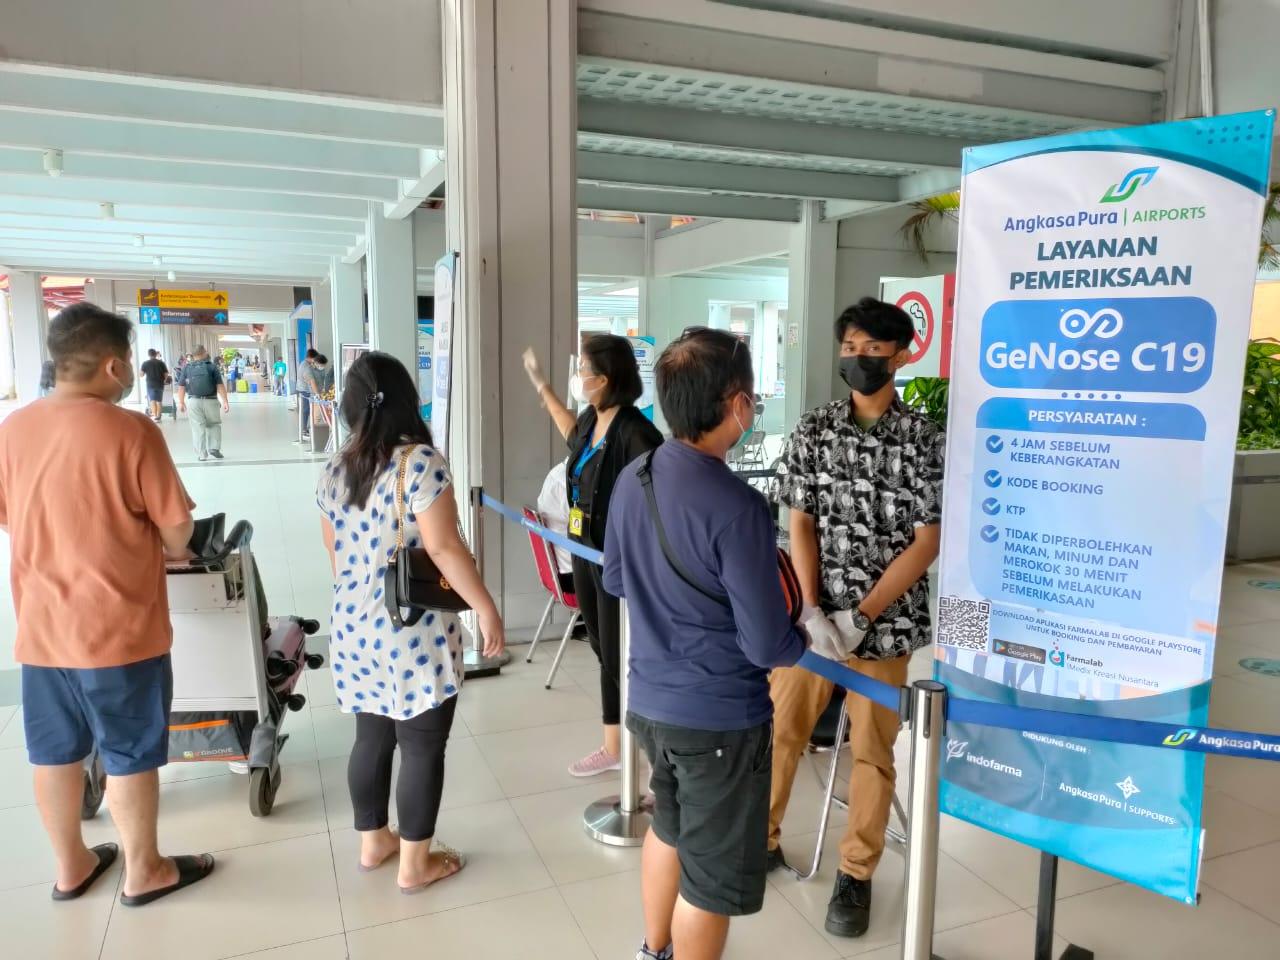 Petugas di bagian pelayanan jasa GeNose Bandara Ngurah Rai Bali, menjelaskan SOP pelayanan GeNose